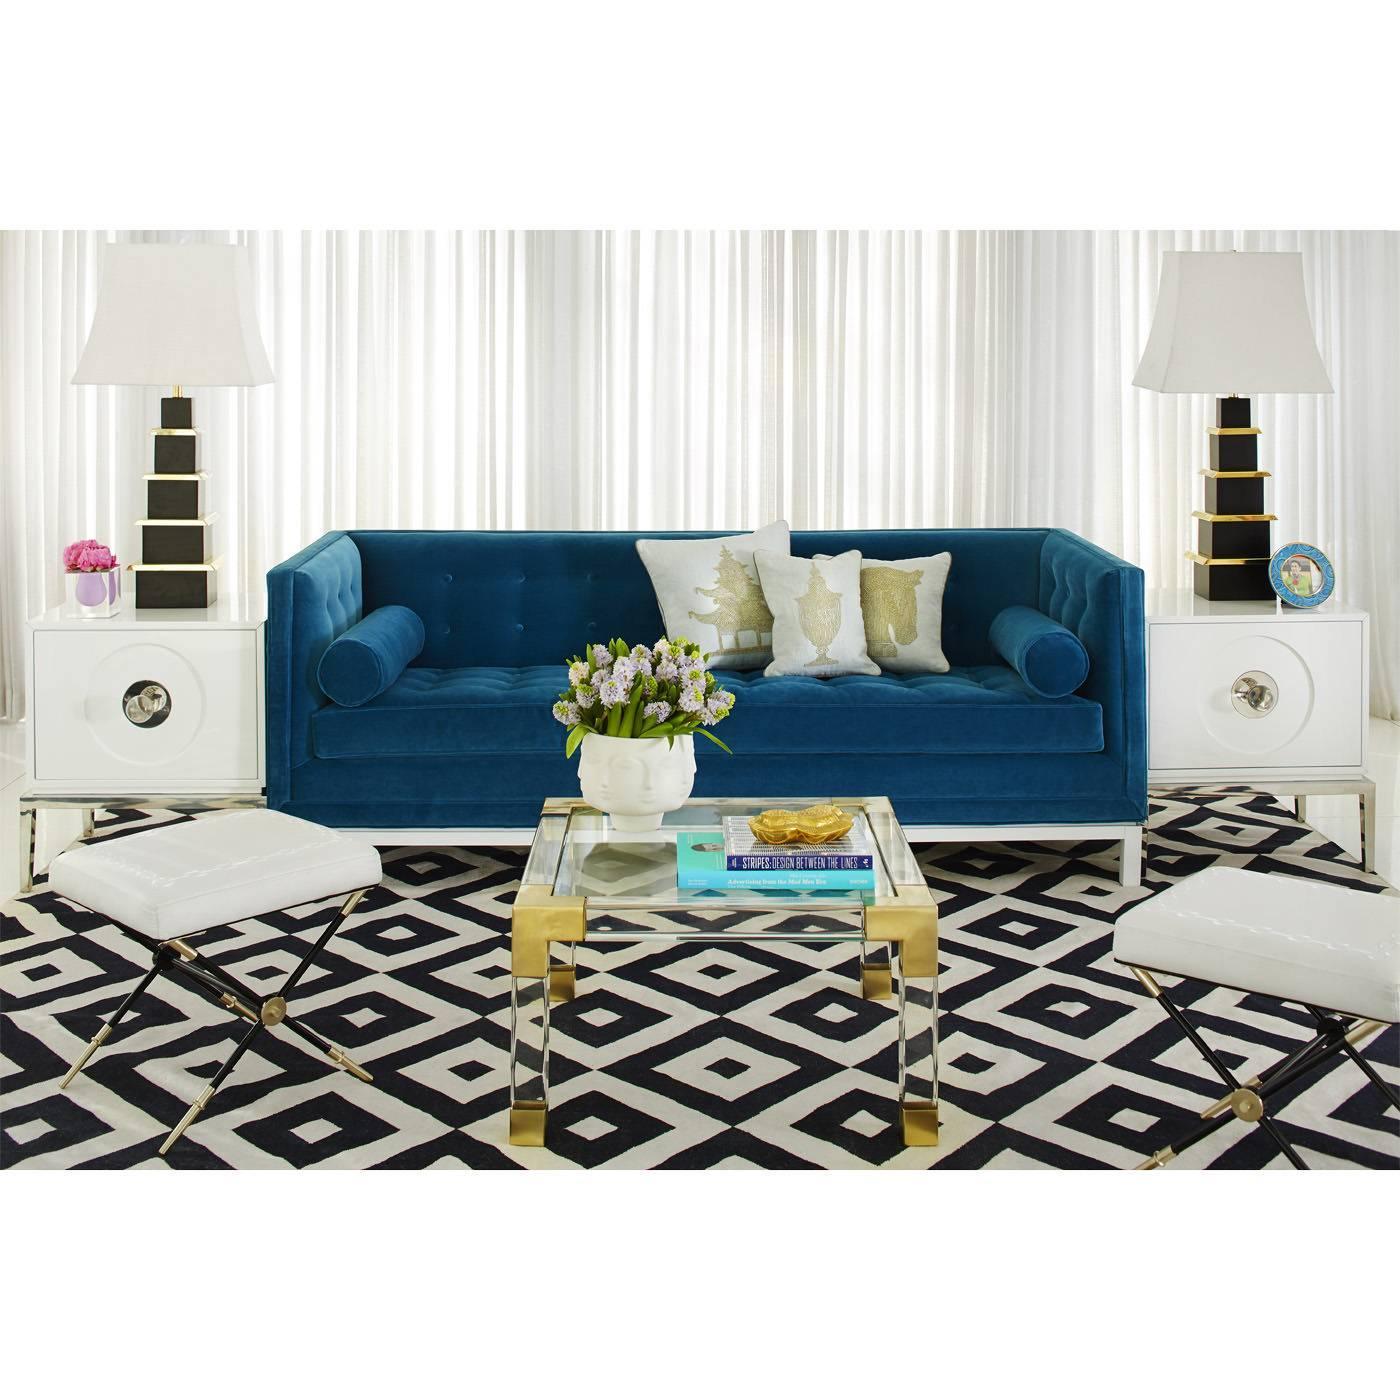 Delightful American Lampert Sofa In Peacock Velvet For Sale